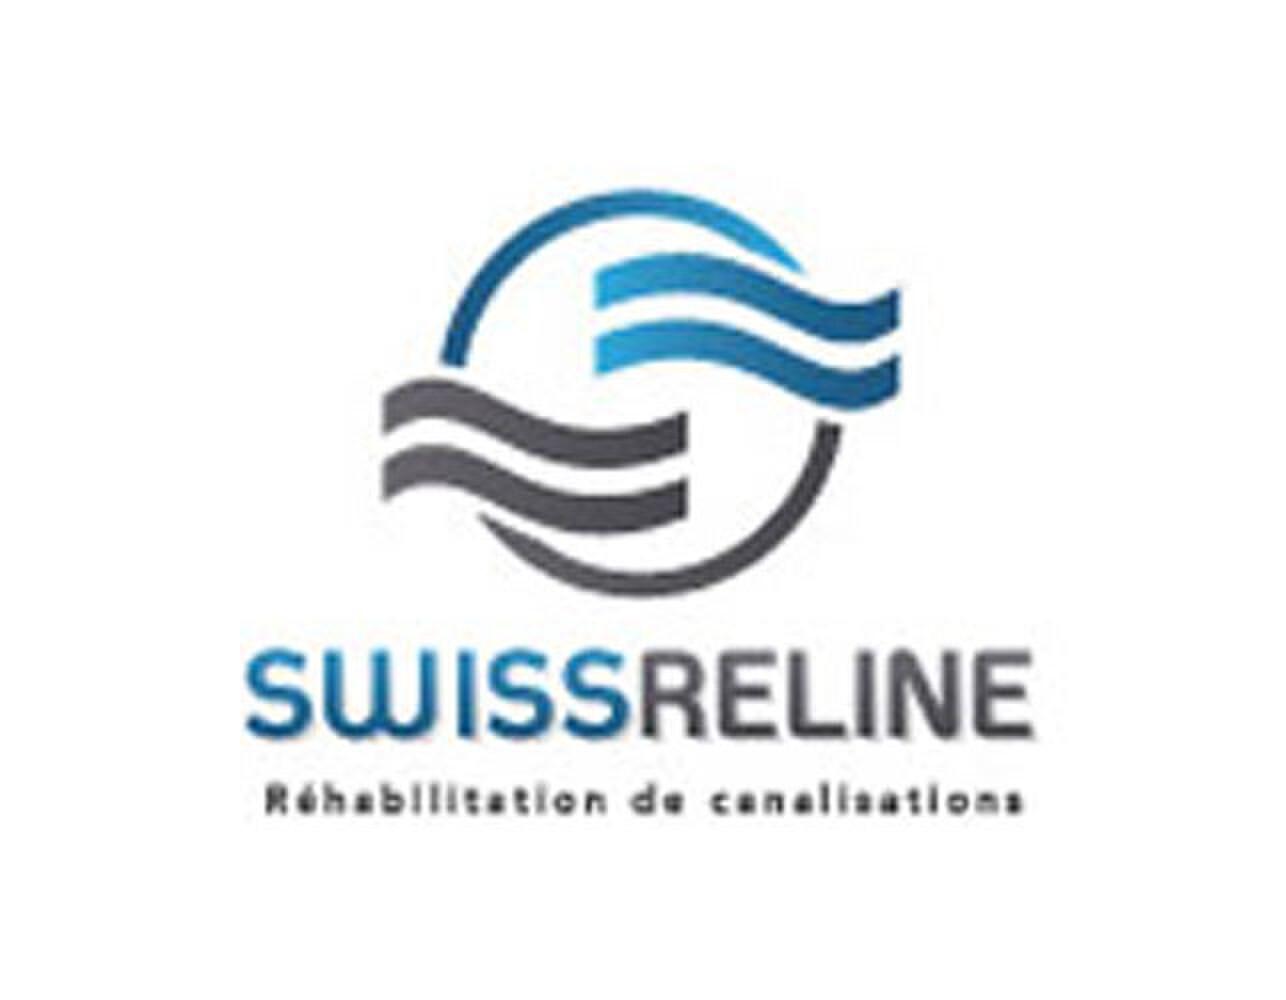 Création de la société Swissreline www.swissreline.ch